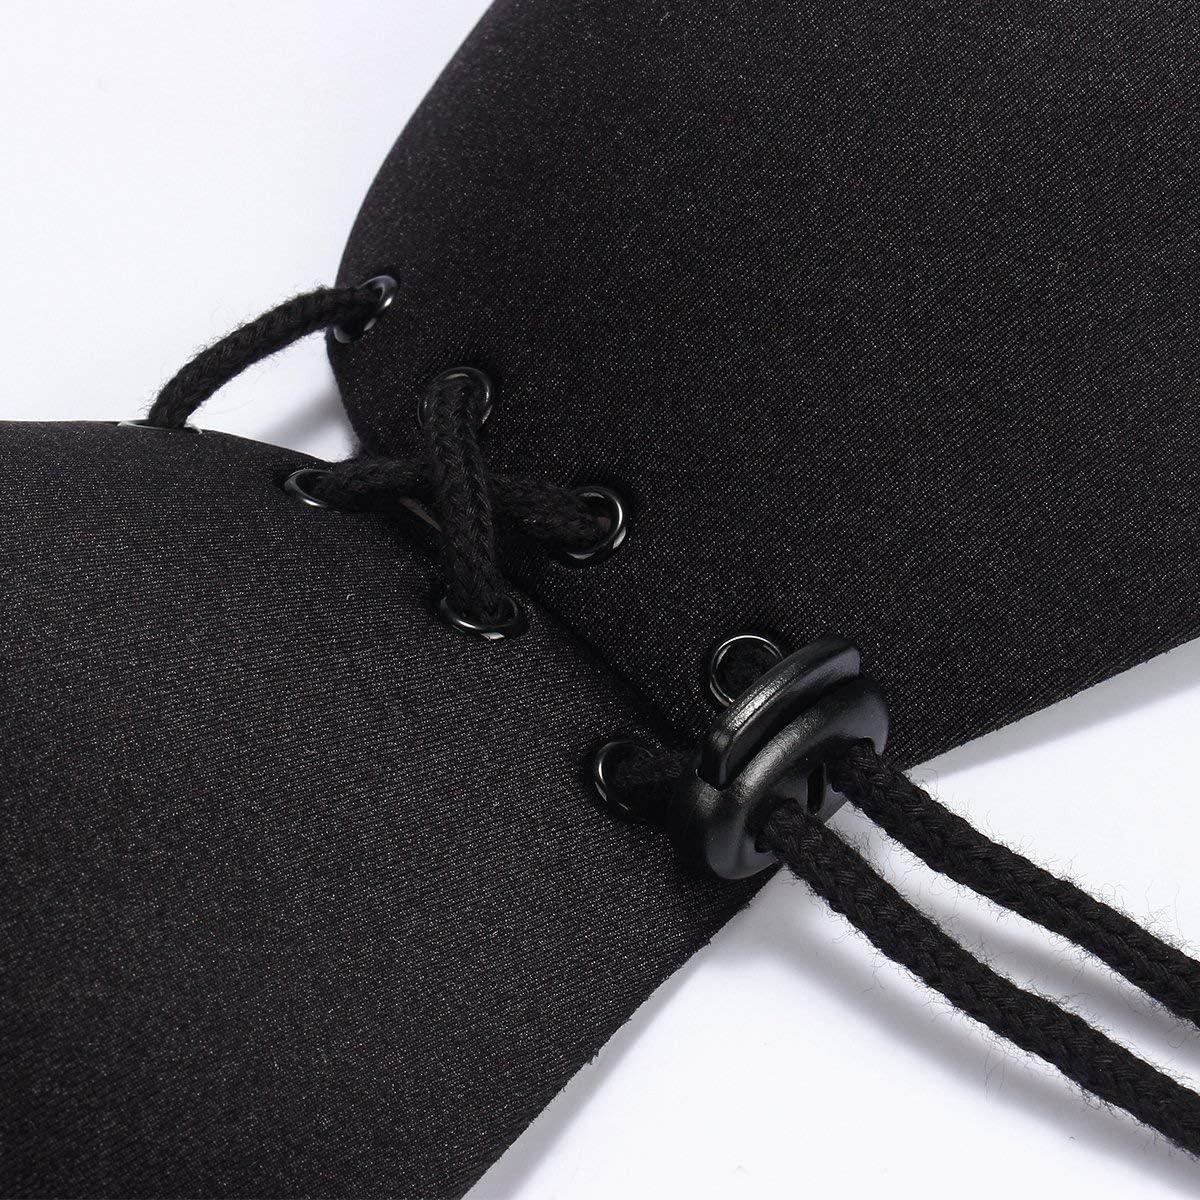 Push Up Breast e Riutilizzabile Adesivi Nipple Cover Fissaggi Invisibili Reggiseno Copricapezzoli da Donna Copricapezzoli di Silicone ZED